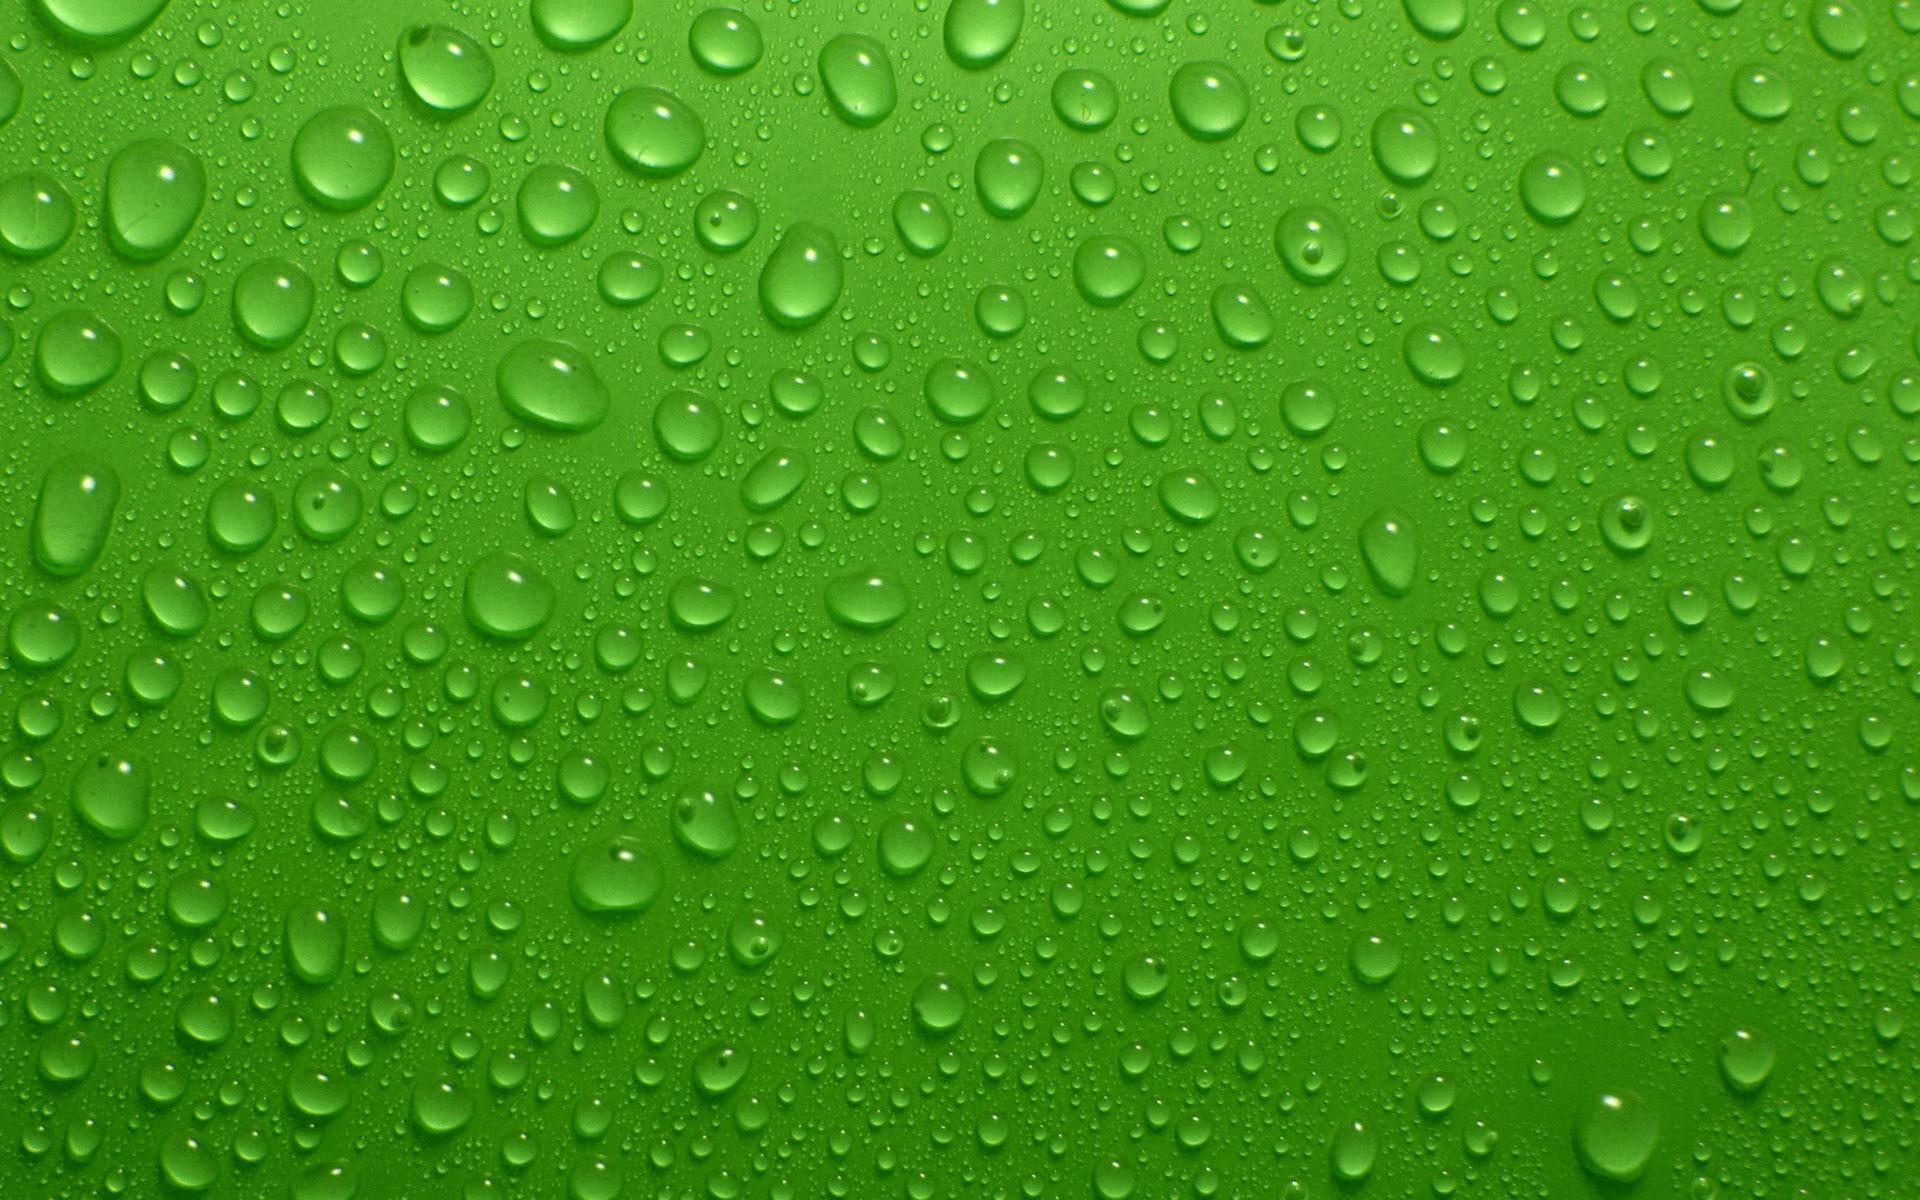 Green Water Wallpaper 17321 1920x1200 px ~ HDWallSource.com